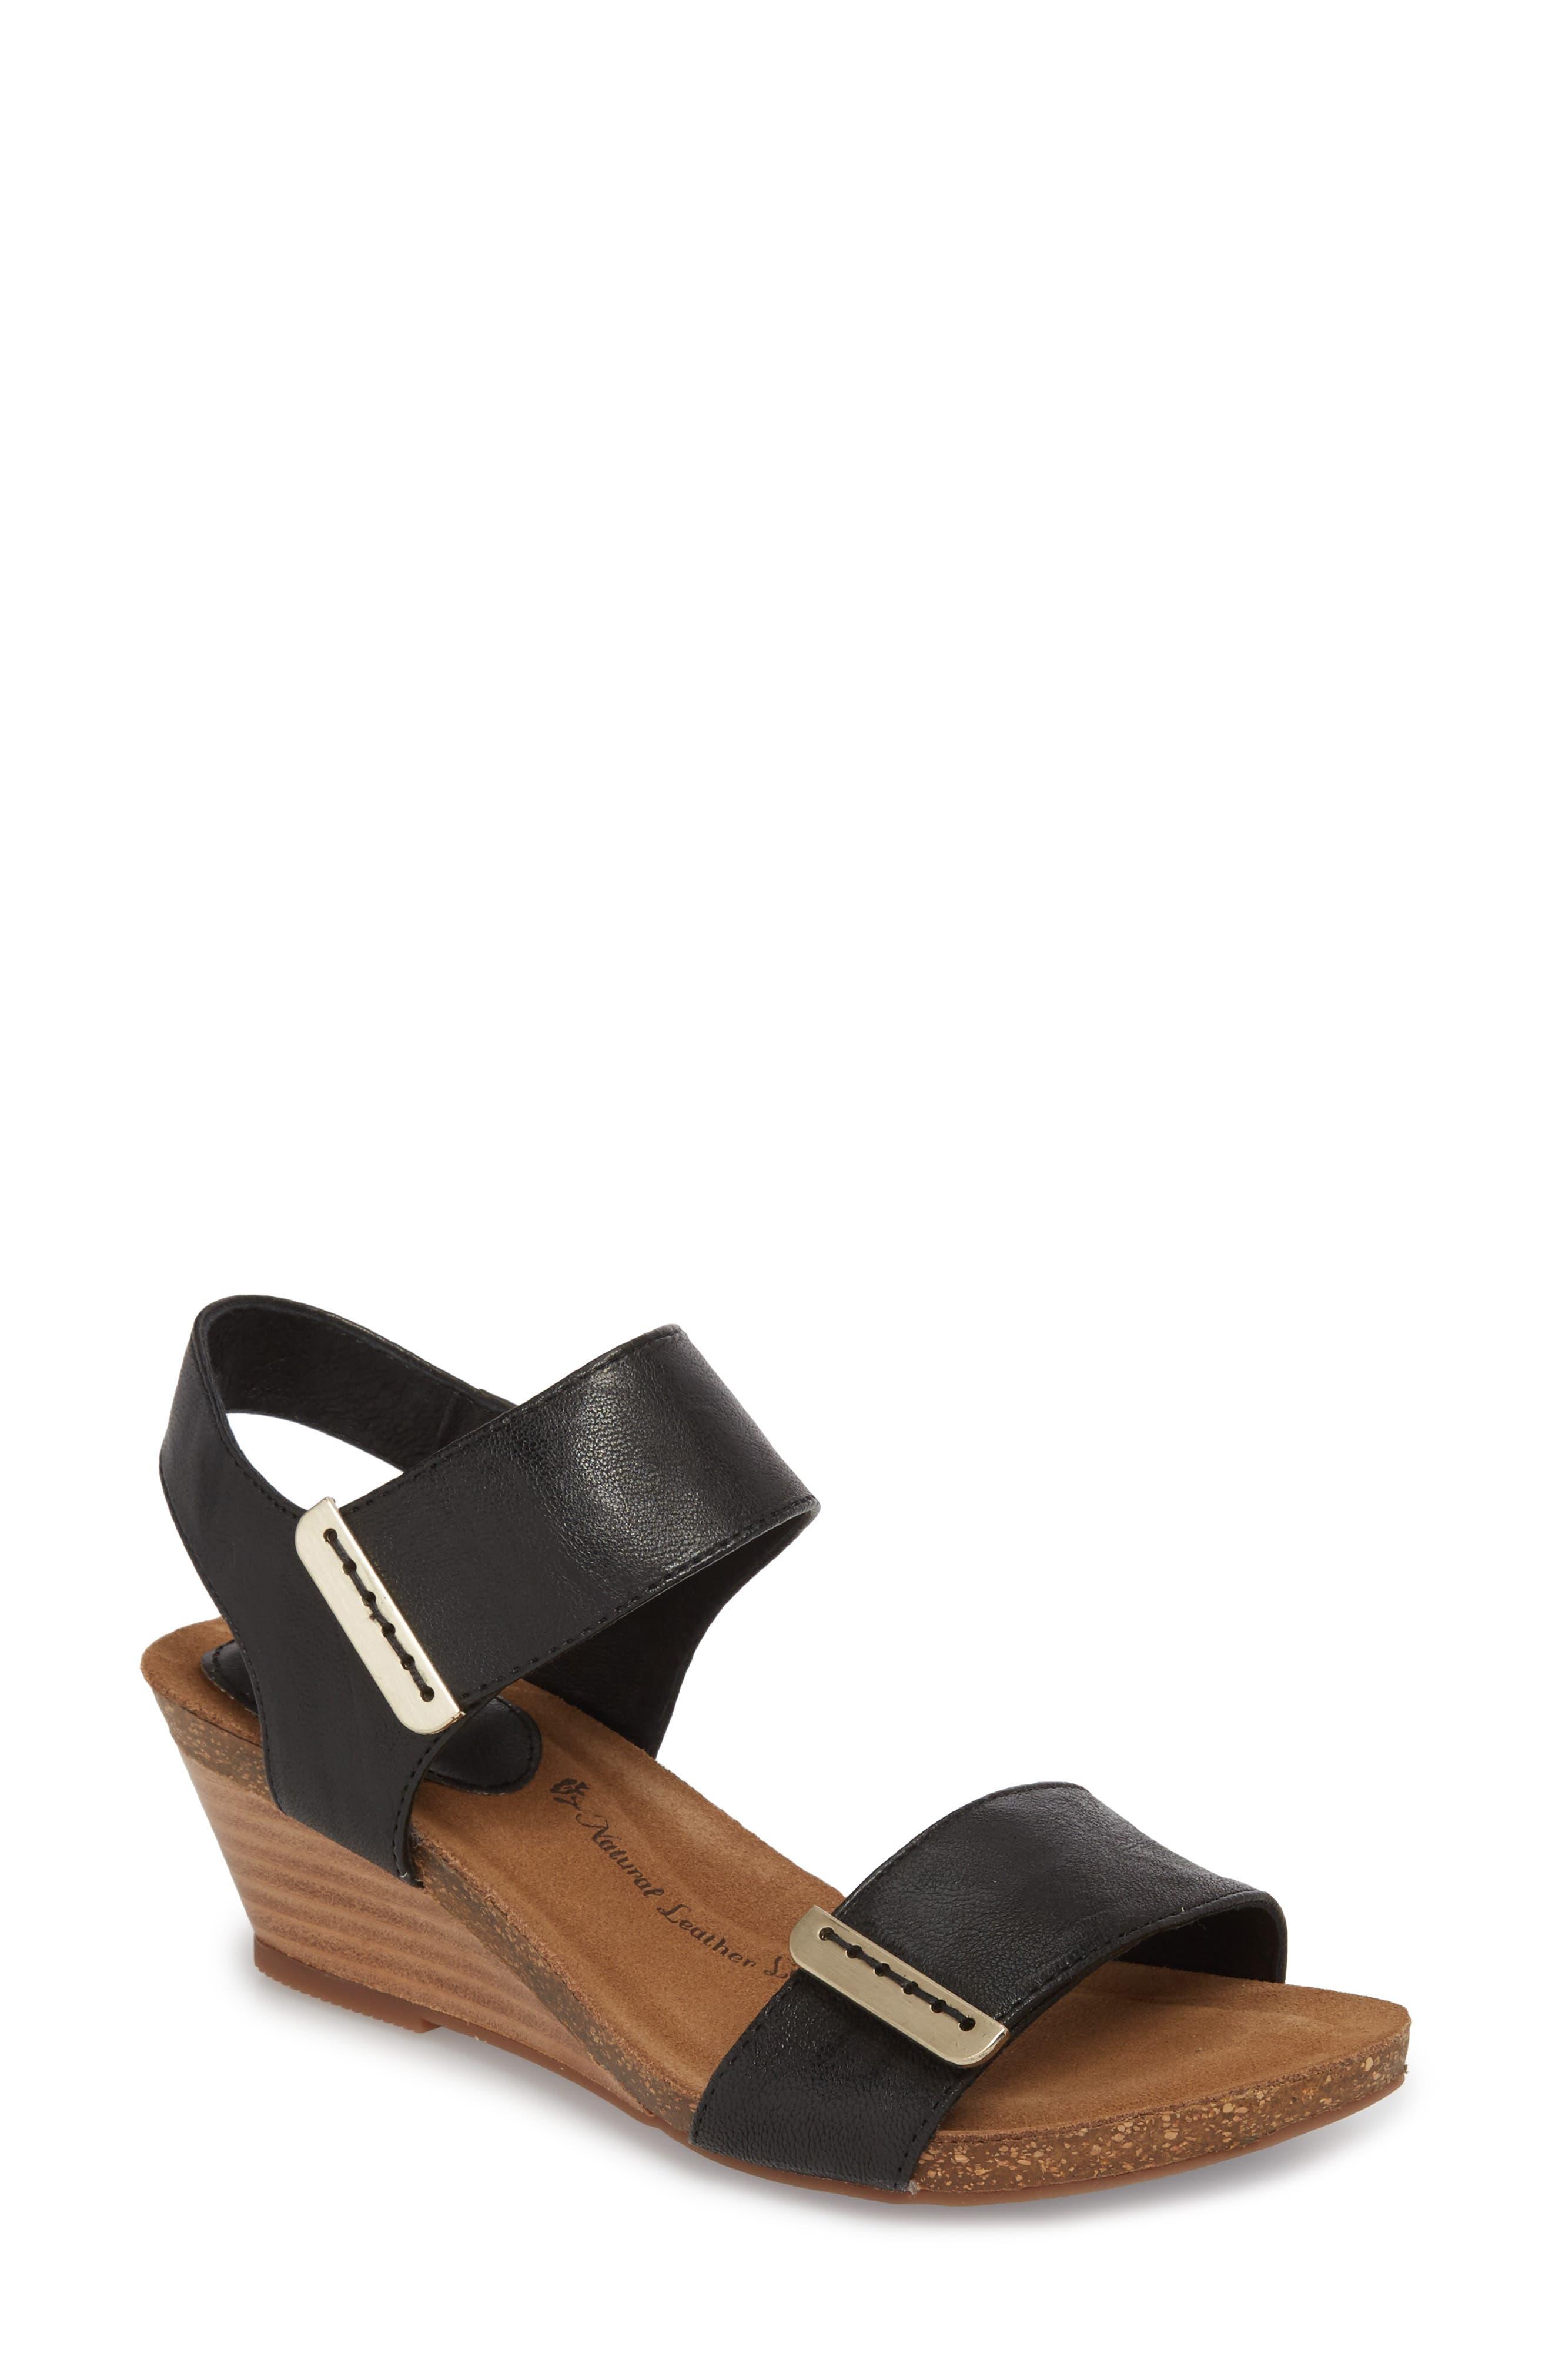 Verdi Wedge Sandal,                         Main,                         color, 001